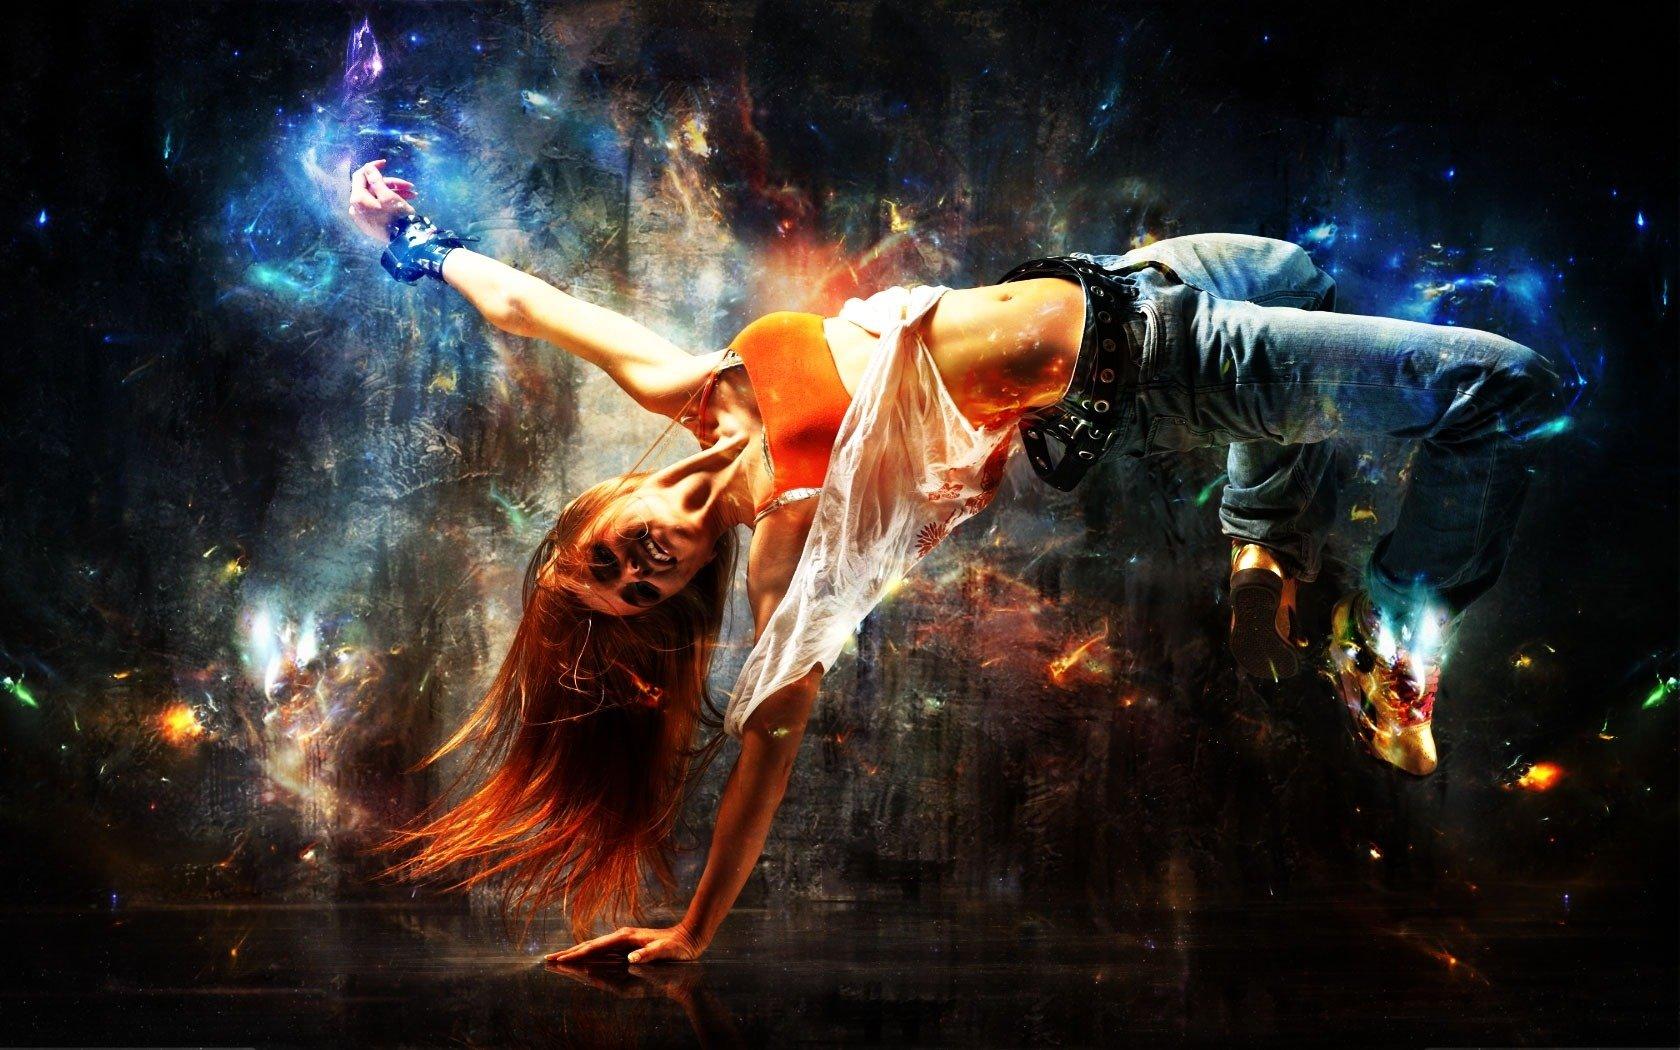 Обои на телефон танец